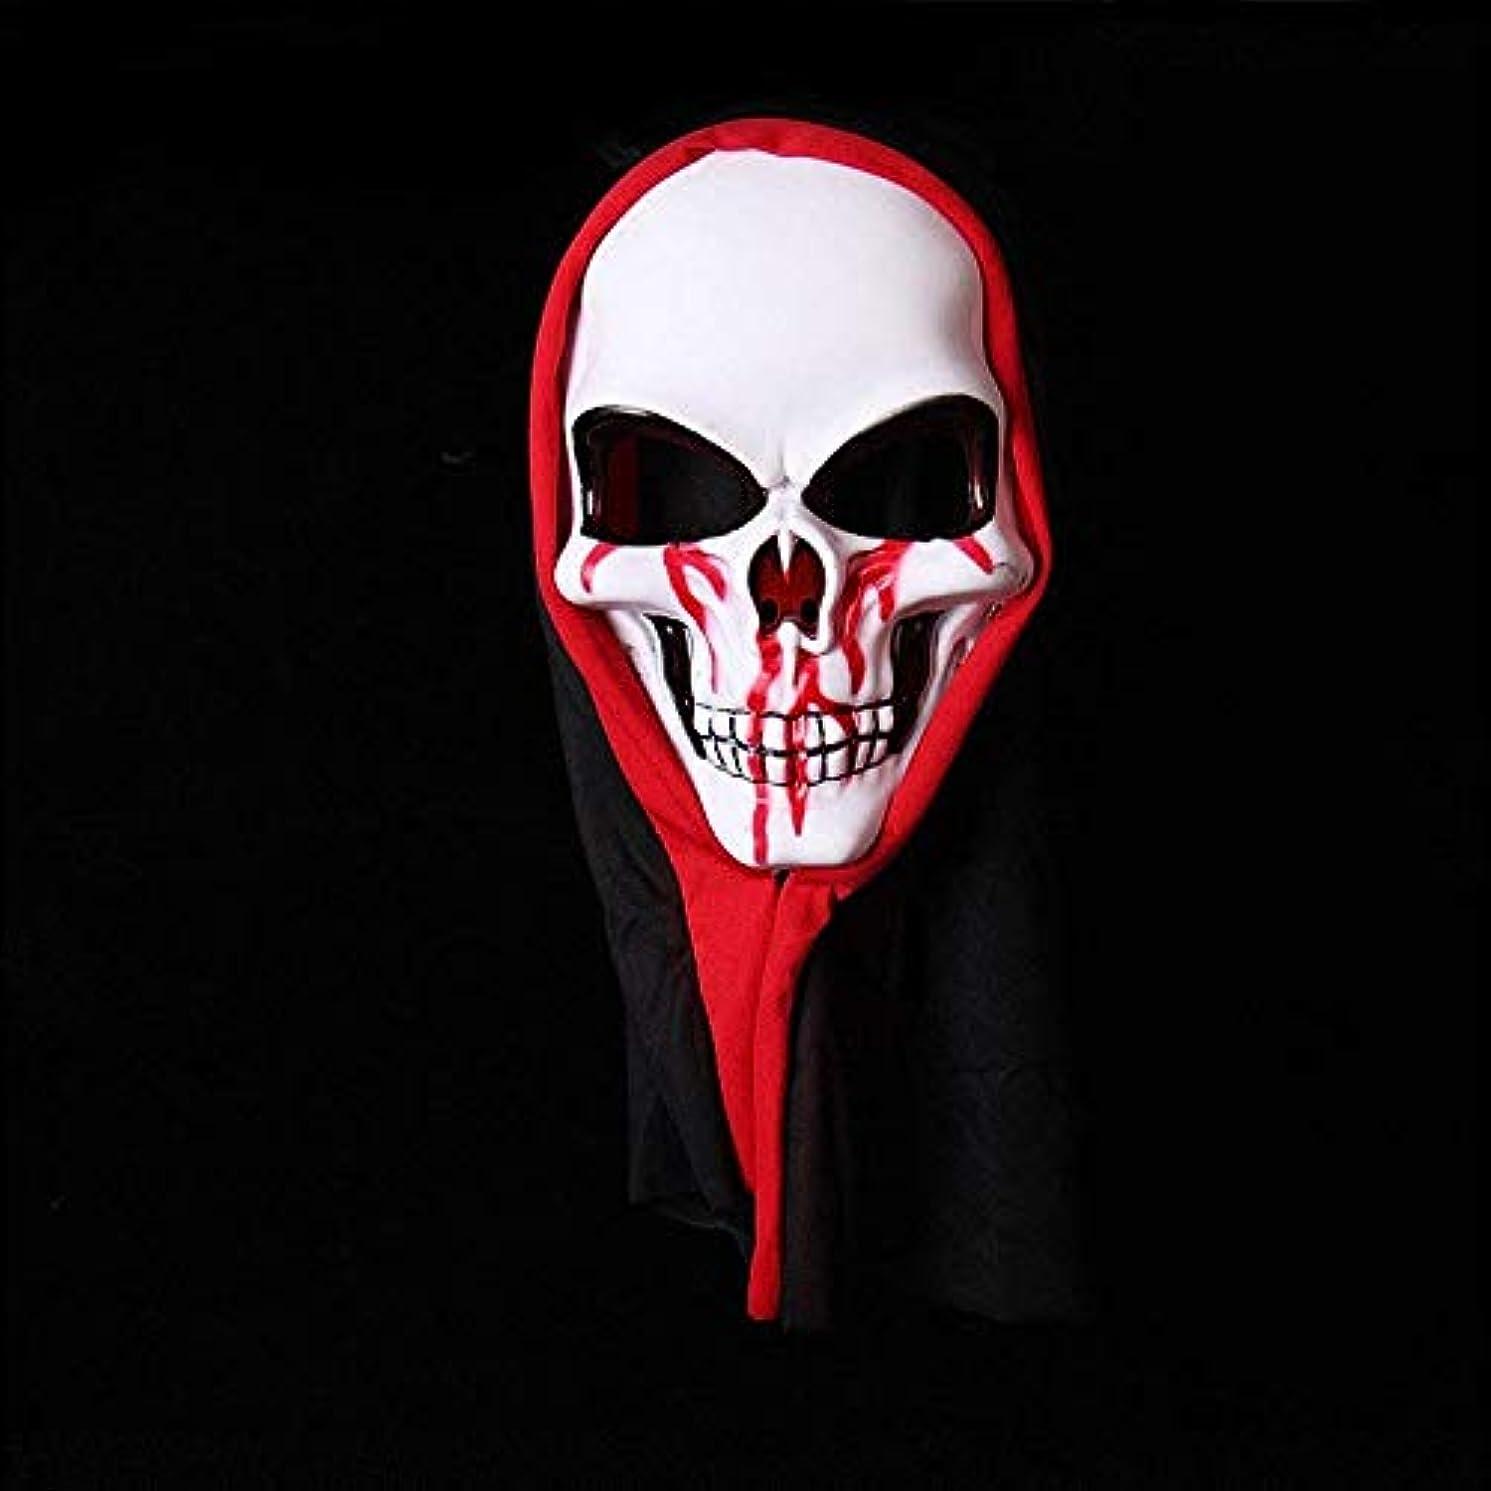 軌道風刺限りなくCozyswan ハロウィンマスク 血まみれ スケルトン ヘッドスカーフ付き PVC製 ハロウィン飾り 怖い 雰囲気 ホラー パーティー 学園祭 文化祭 被り物 仮装 おしゃれ